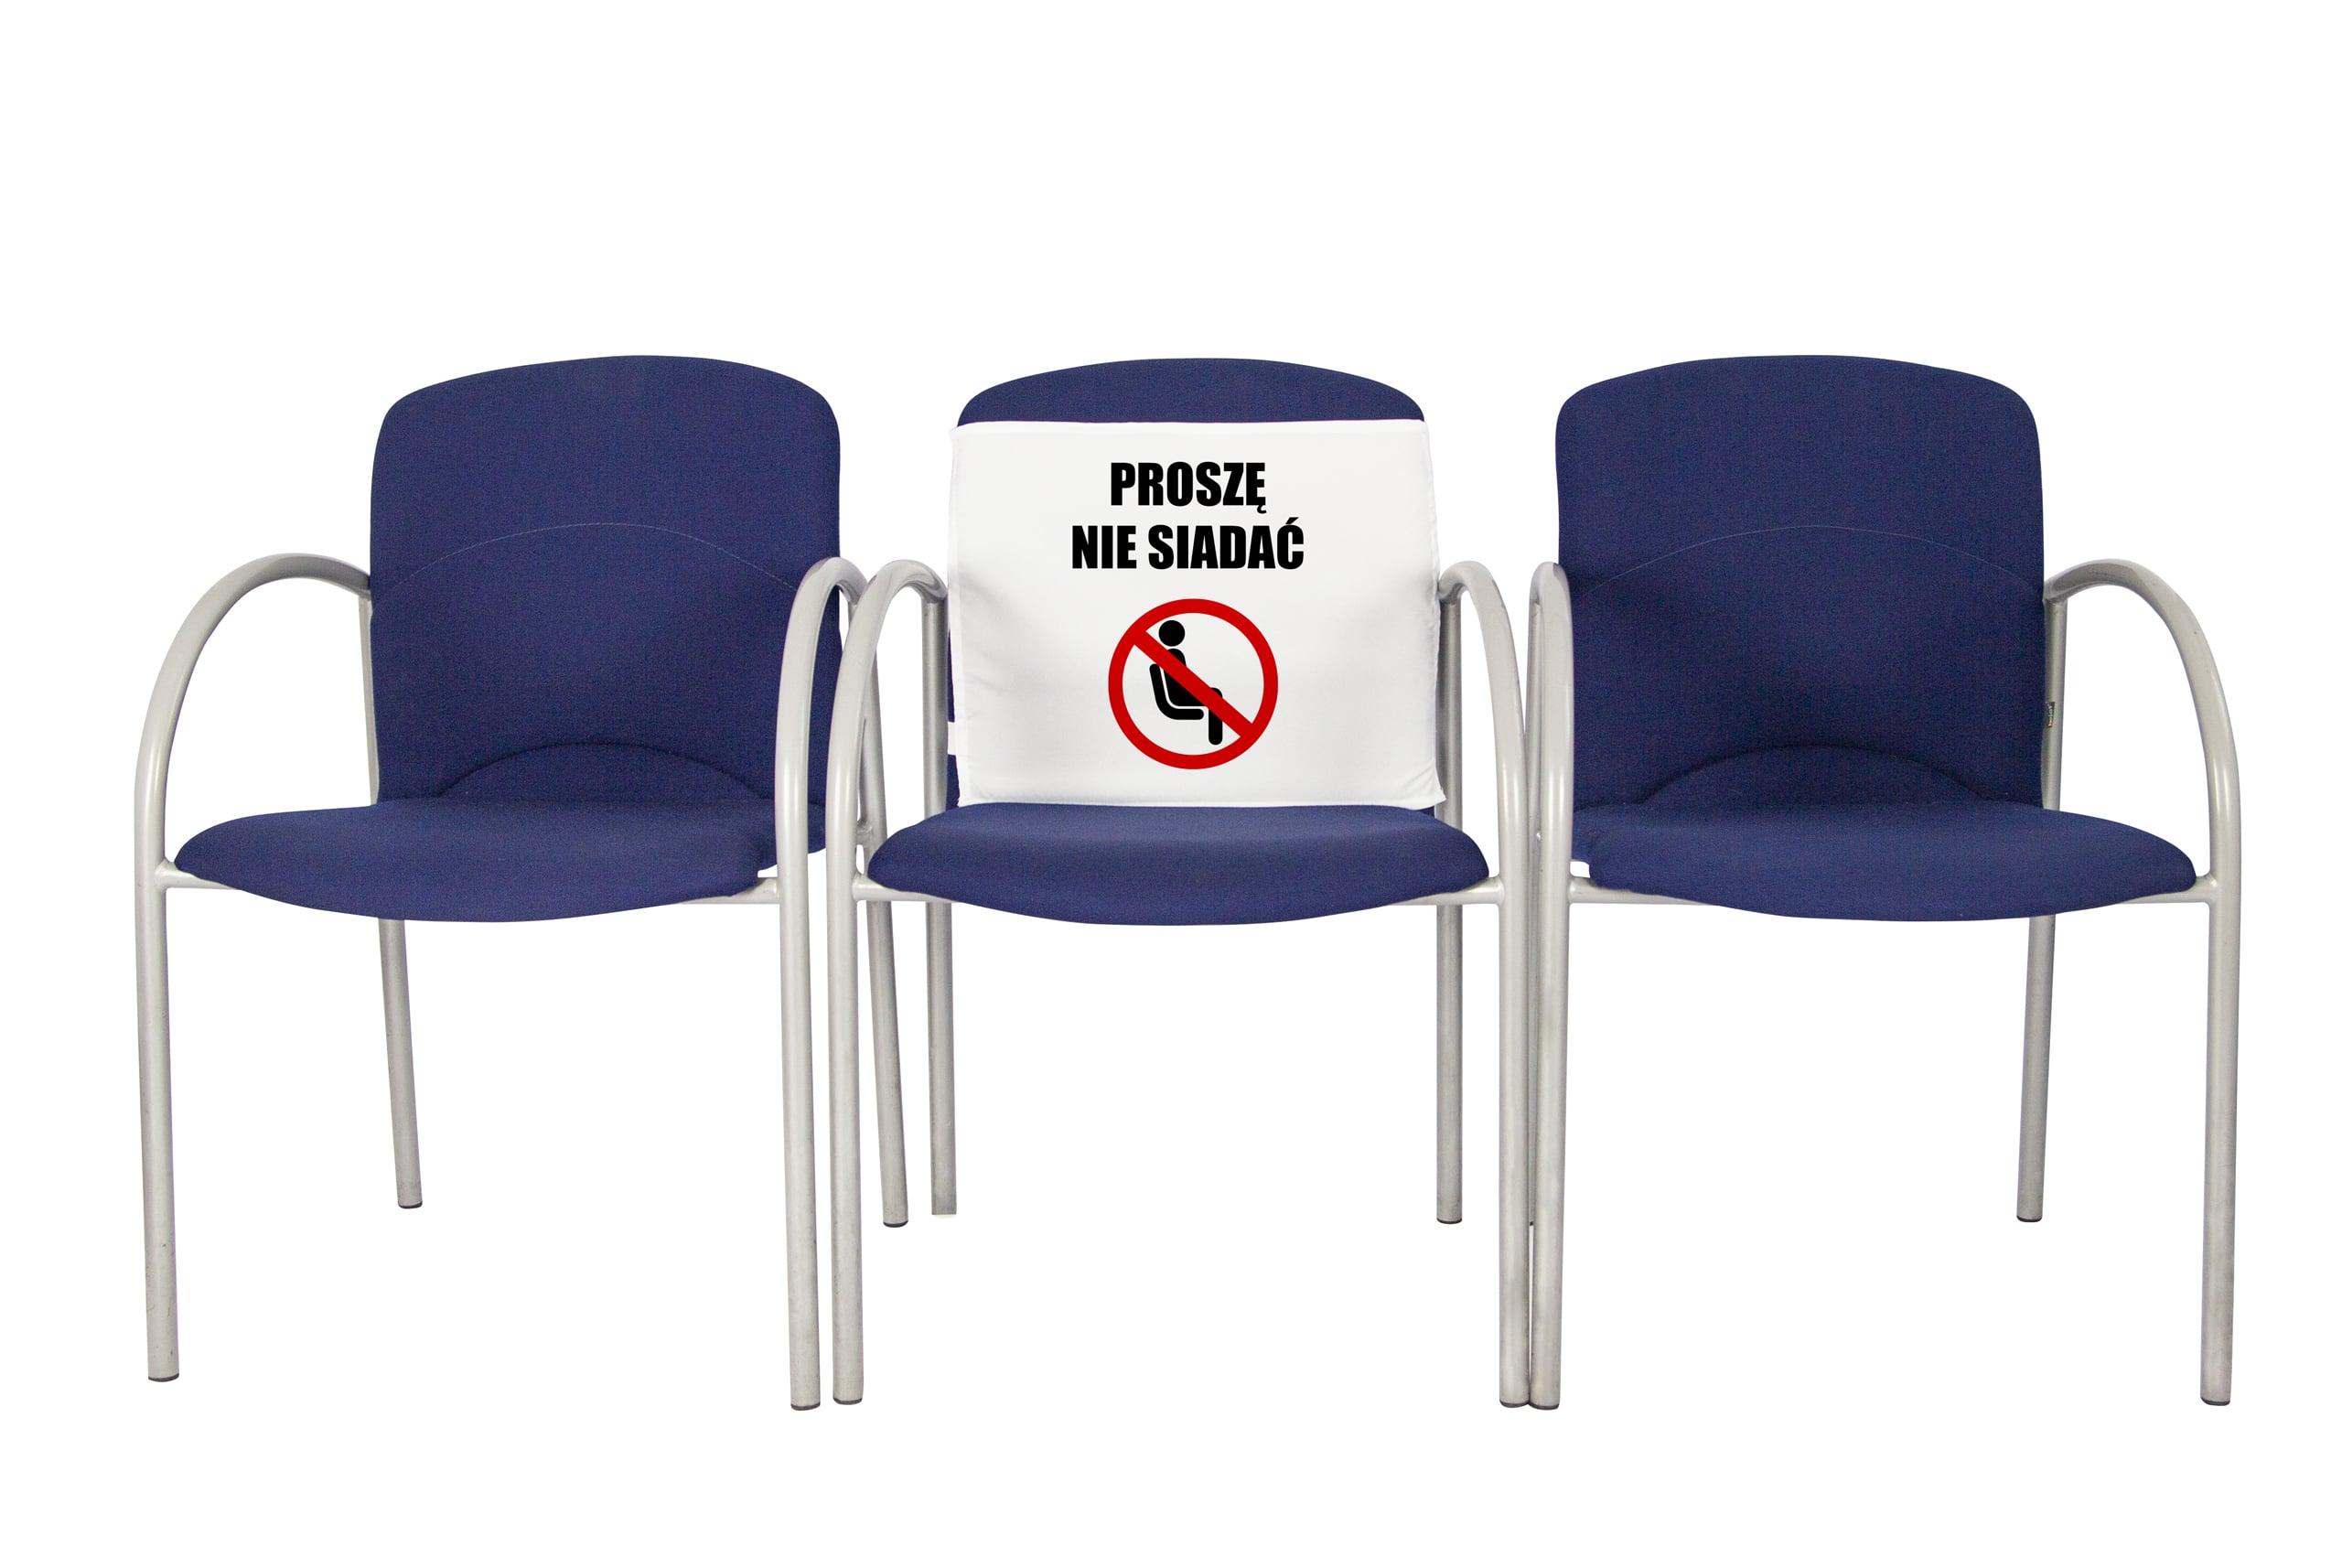 Nakładki na krzesła – jak wdrożyć zasady w związku z COVID-19